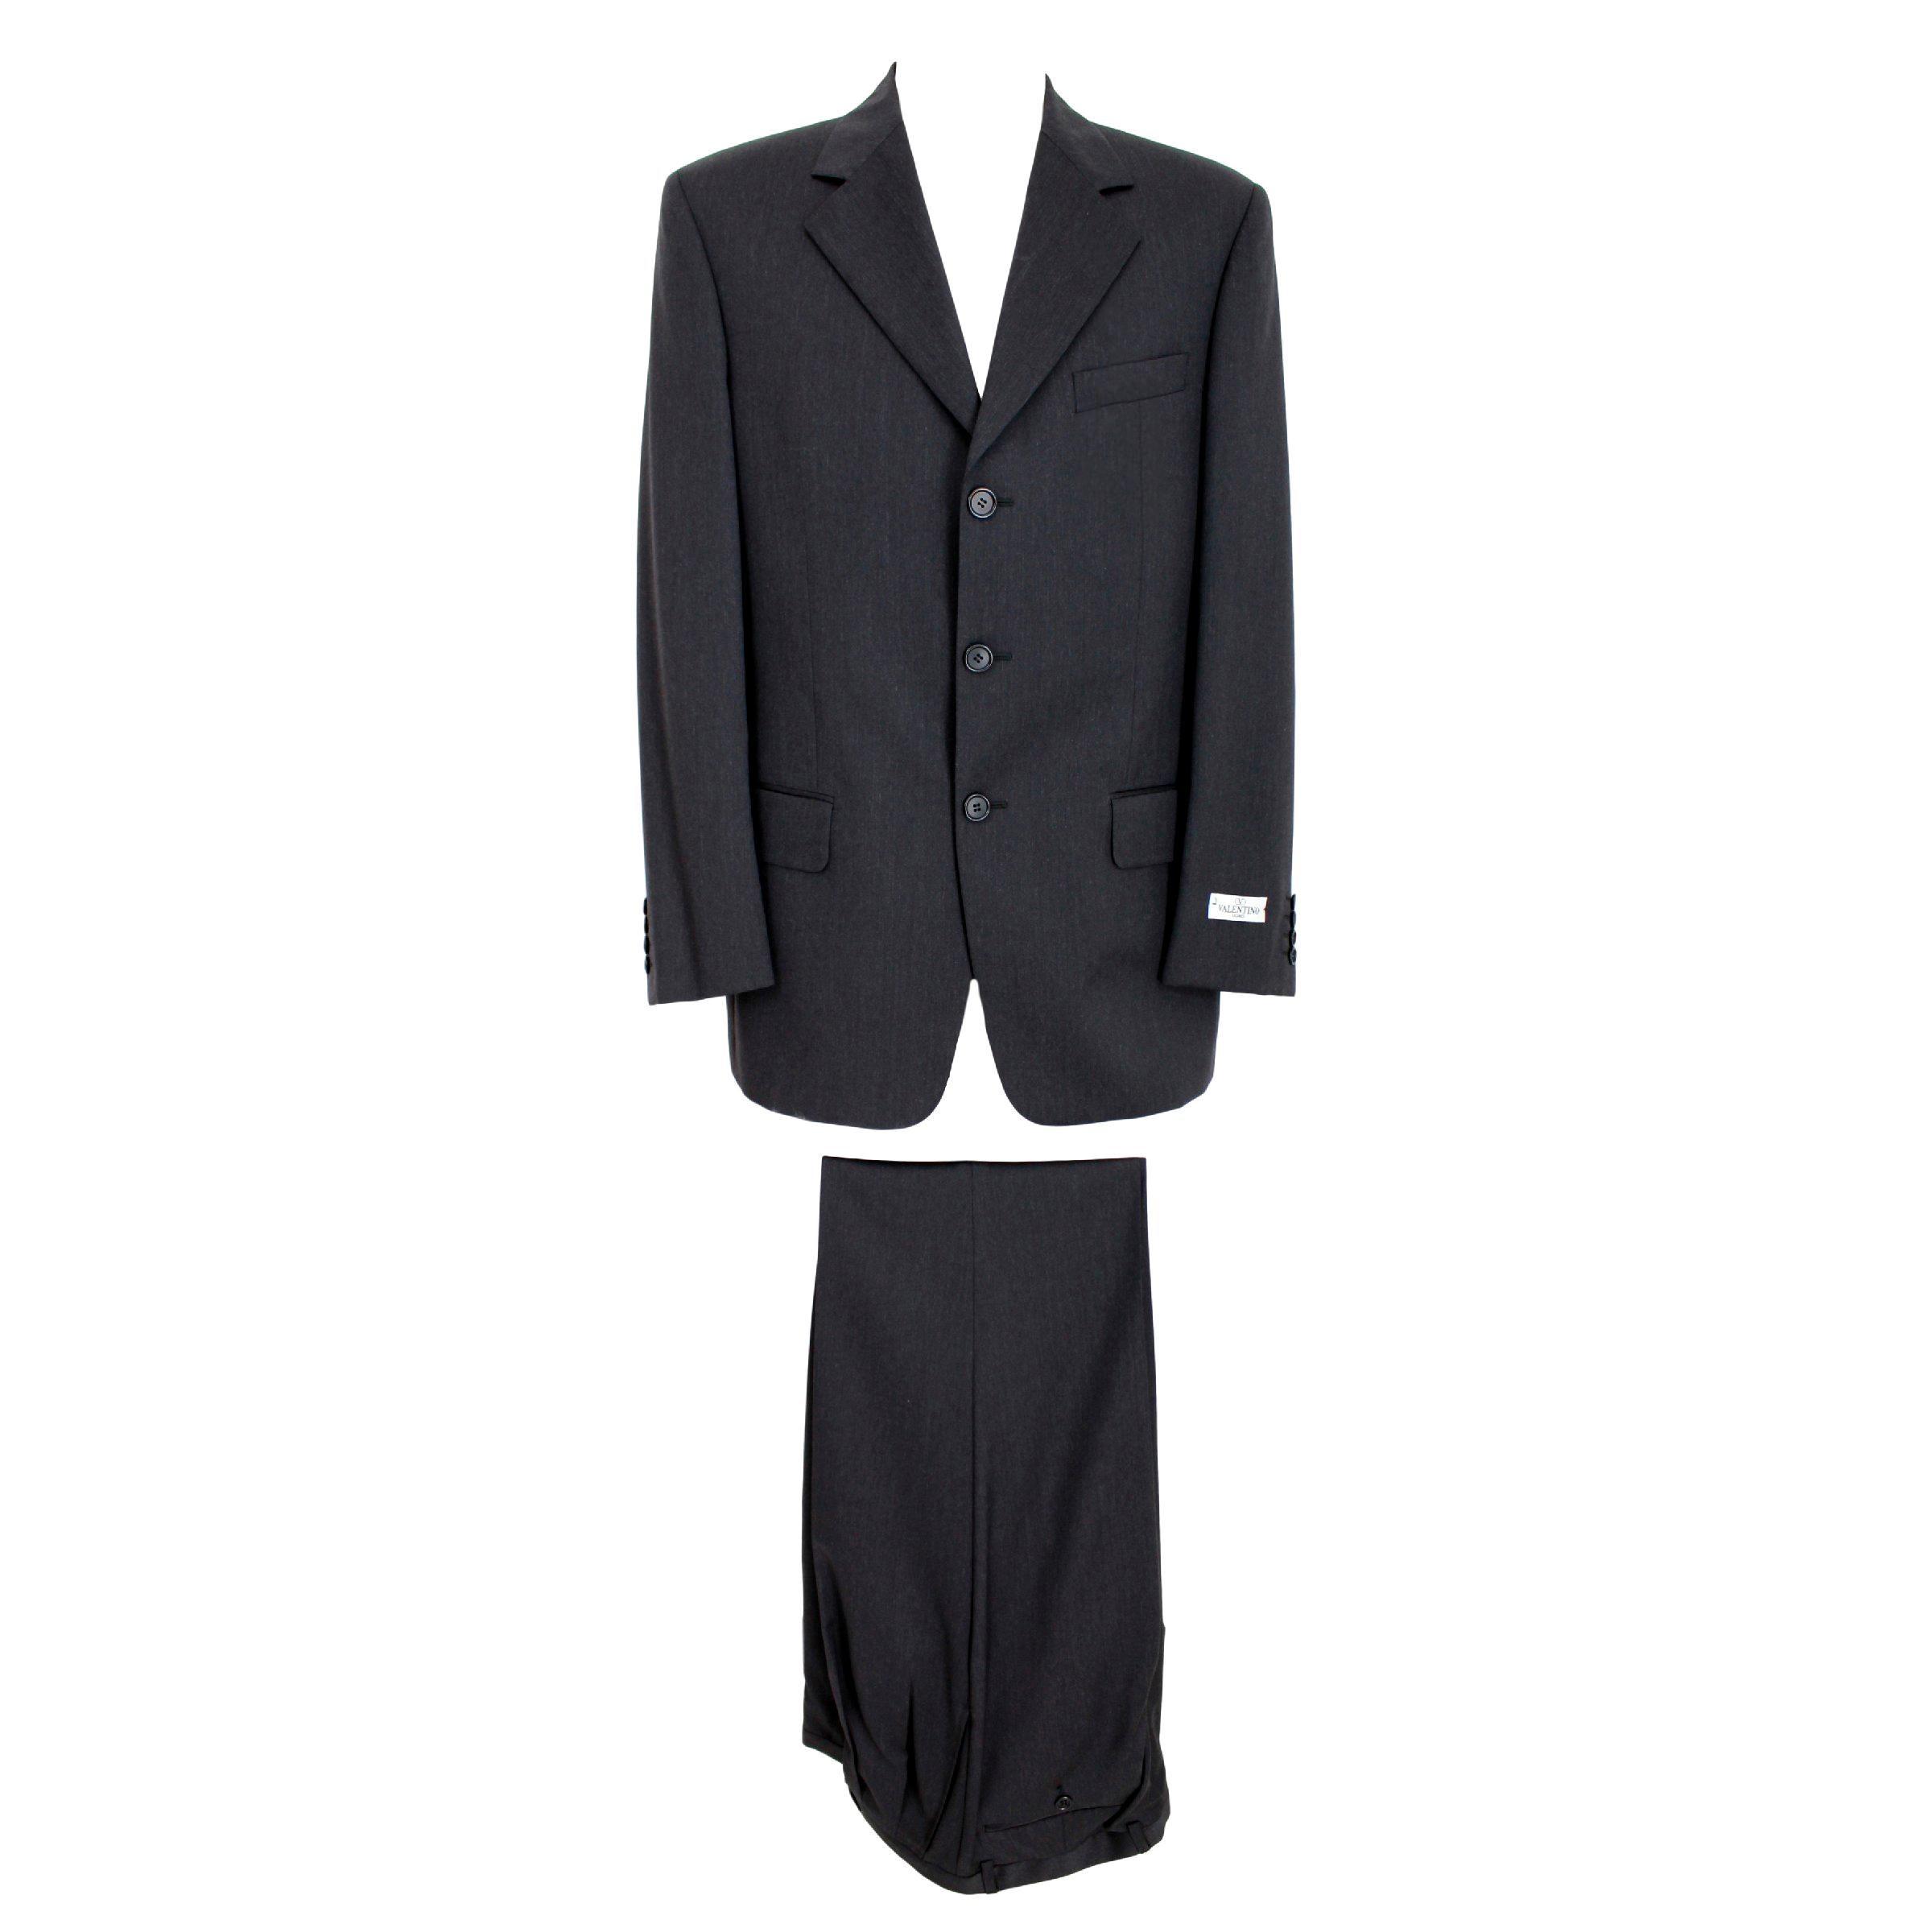 87e3b9af9790 Vintage Valentino Clothing - 1